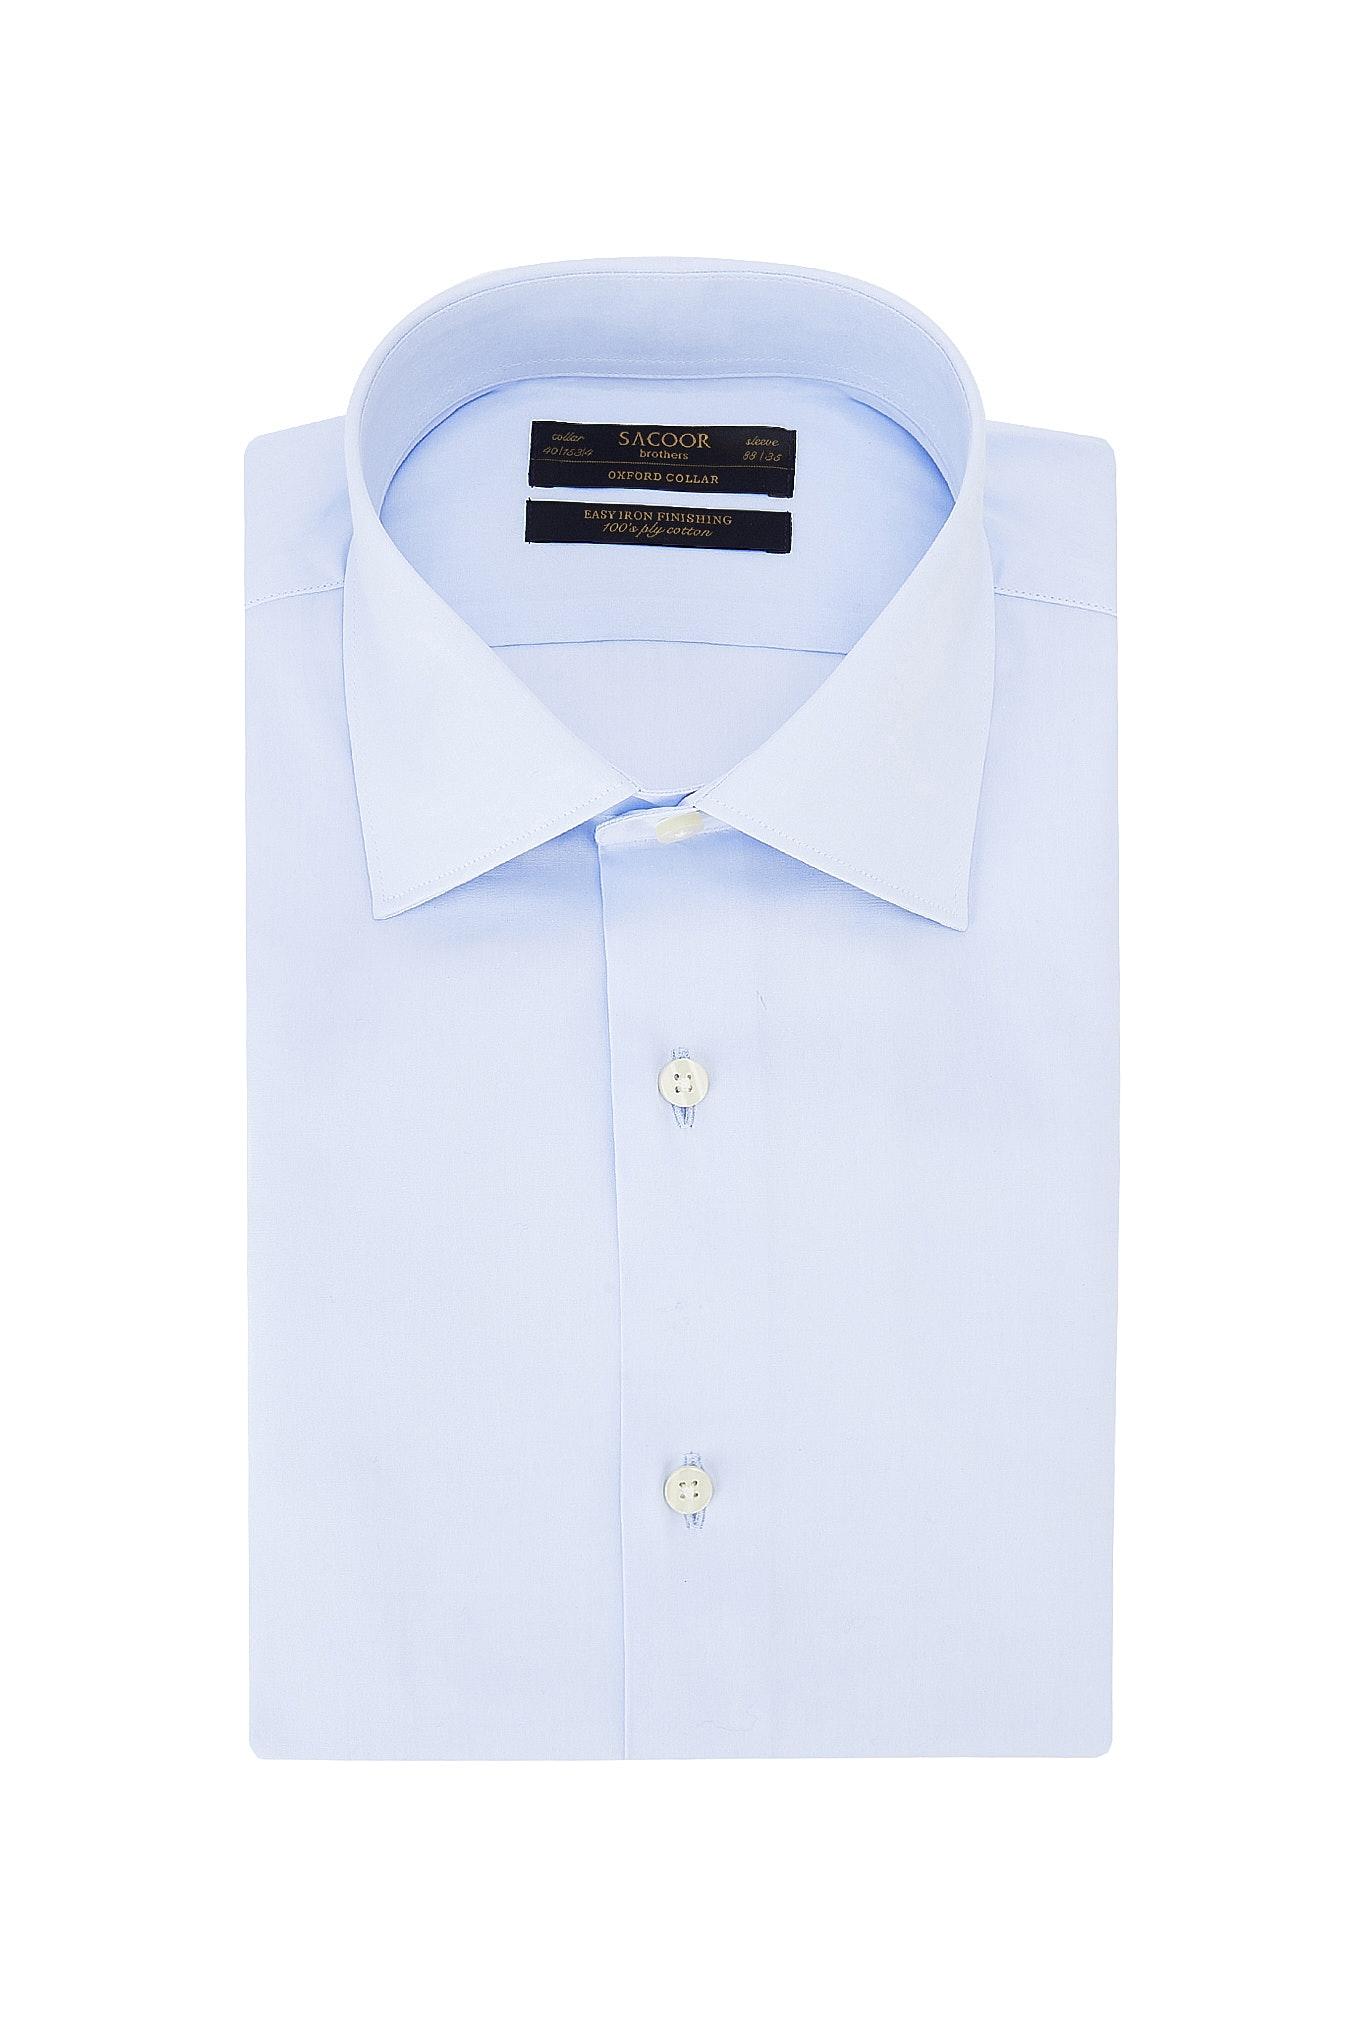 Camisa, Sacoor, 55,97€